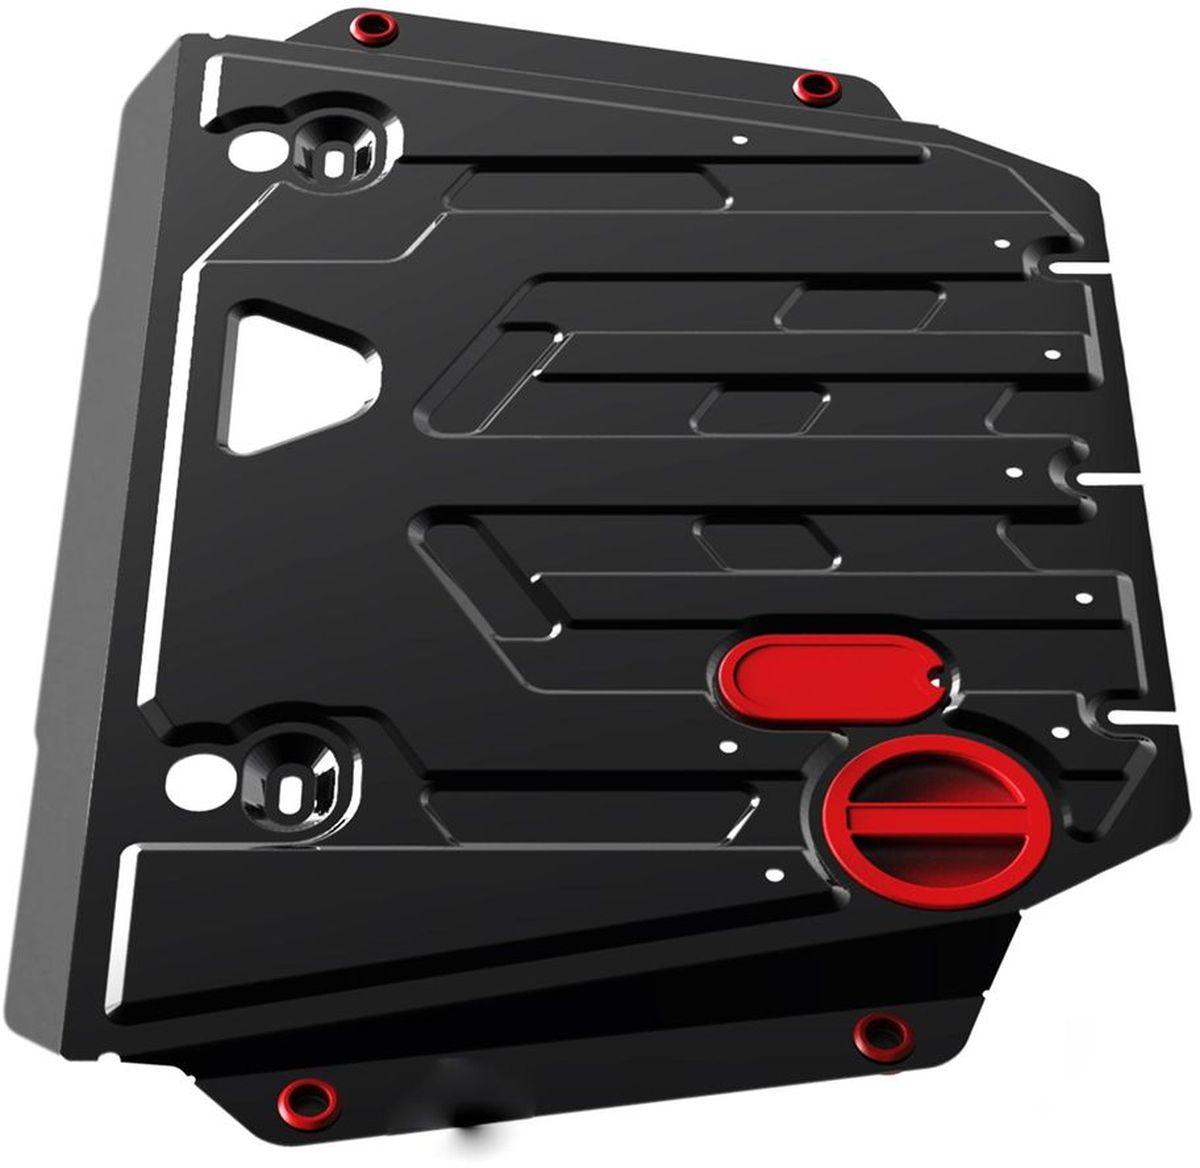 Защита картера и КПП Автоброня, для Chevrolet Rezzo, V - 1,6 (2004-2010-)111.01009.1Технологически совершенный продукт за невысокую стоимость. Защита разработана с учетом особенностей днища автомобиля, что позволяет сохранить дорожный просвет с минимальным изменением. Защита устанавливается в штатные места кузова автомобиля. Глубокий штамп обеспечивает до двух раз больше жесткости в сравнении с обычной защитой той же толщины. Проштампованные ребра жесткости препятствуют деформации защиты при ударах. Тепловой зазор и вентиляционные отверстия обеспечивают сохранение температурного режима двигателя в норме. Скрытый крепеж предотвращает срыв крепежных элементов при наезде на препятствие. Шумопоглощающие резиновые элементы обеспечивают комфортную езду без вибраций и скрежета металла, а съемные лючки для слива масла и замены фильтра - экономию средств и время. Конструкция изделия не влияет на пассивную безопасность автомобиля (при ударе защита не воздействует на деформационные зоны кузова). Со штатным крепежом. В комплекте инструкция по установке....